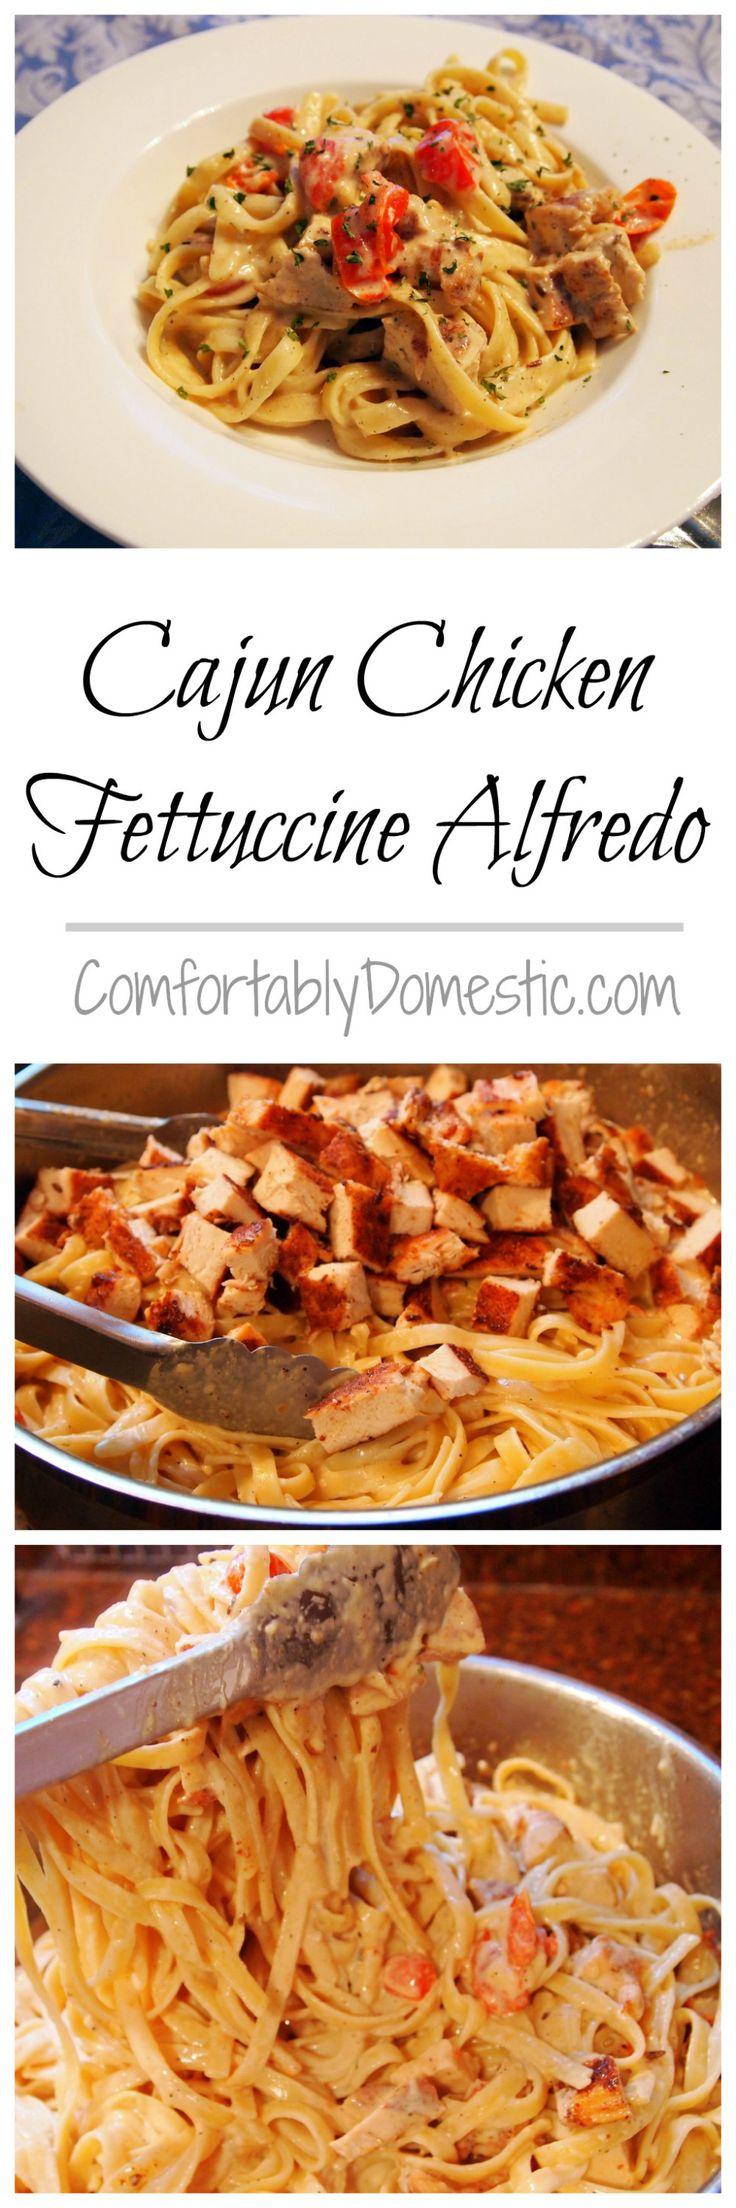 Cajun-Chicken-Fettuccine-Alfredo-Pasta